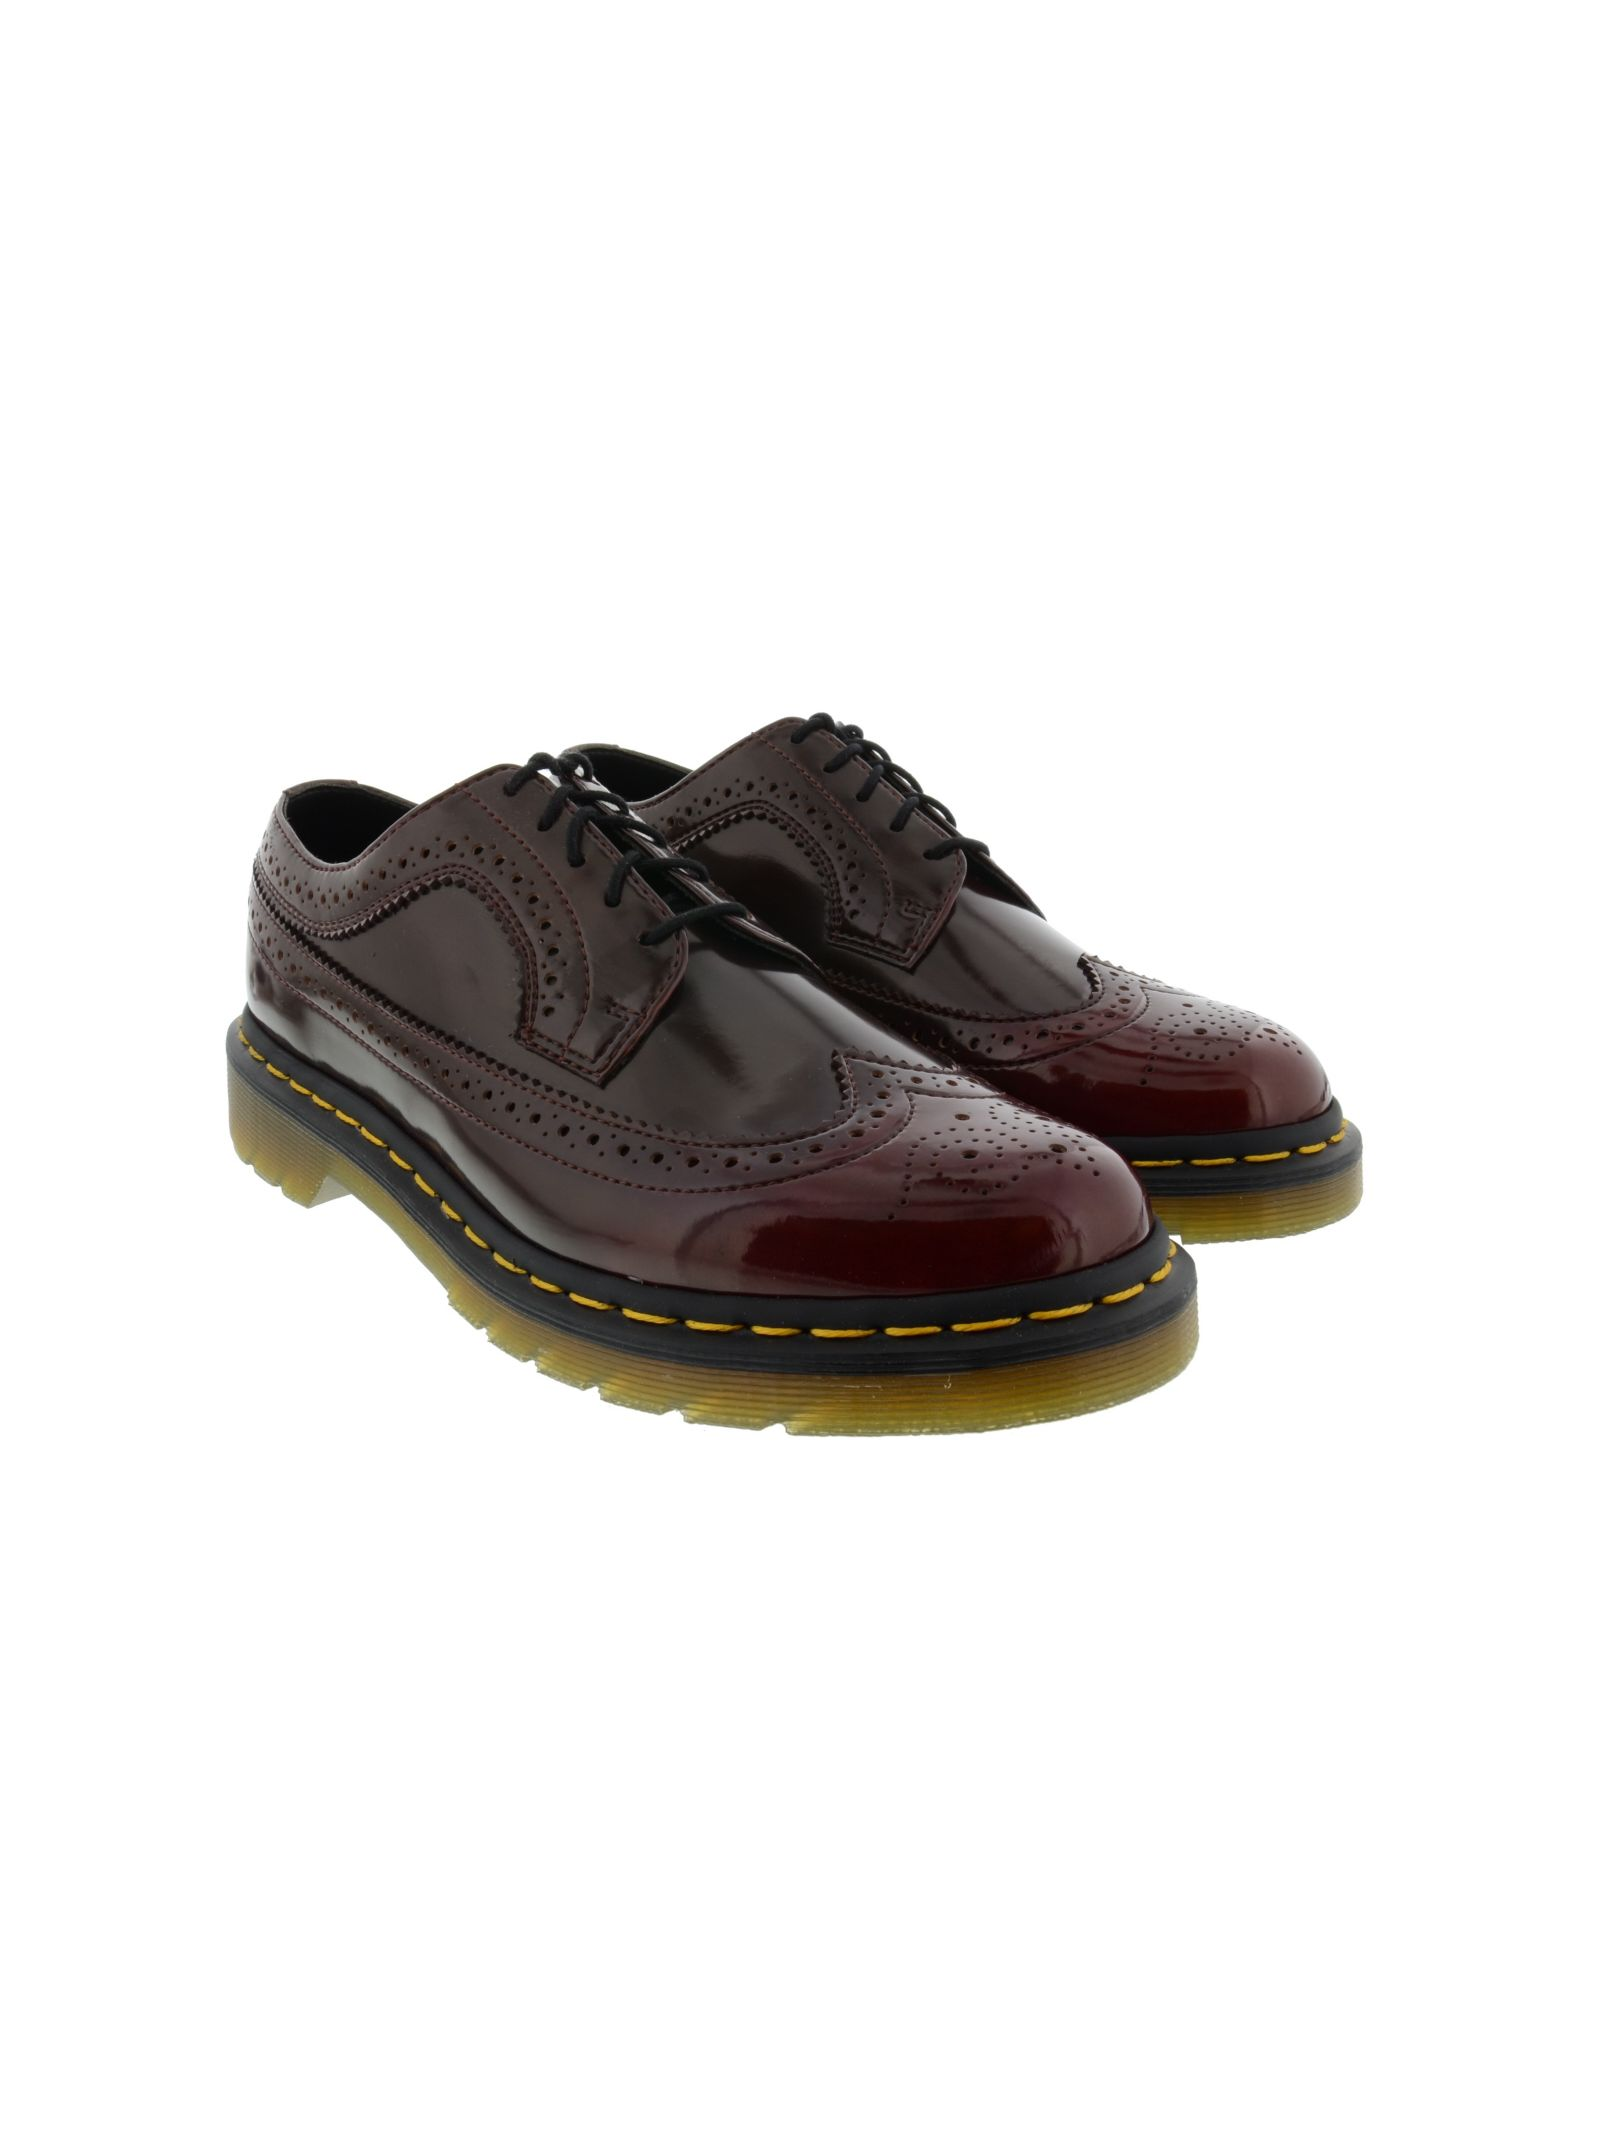 dr martens female dr martens cambridge laced up shoes